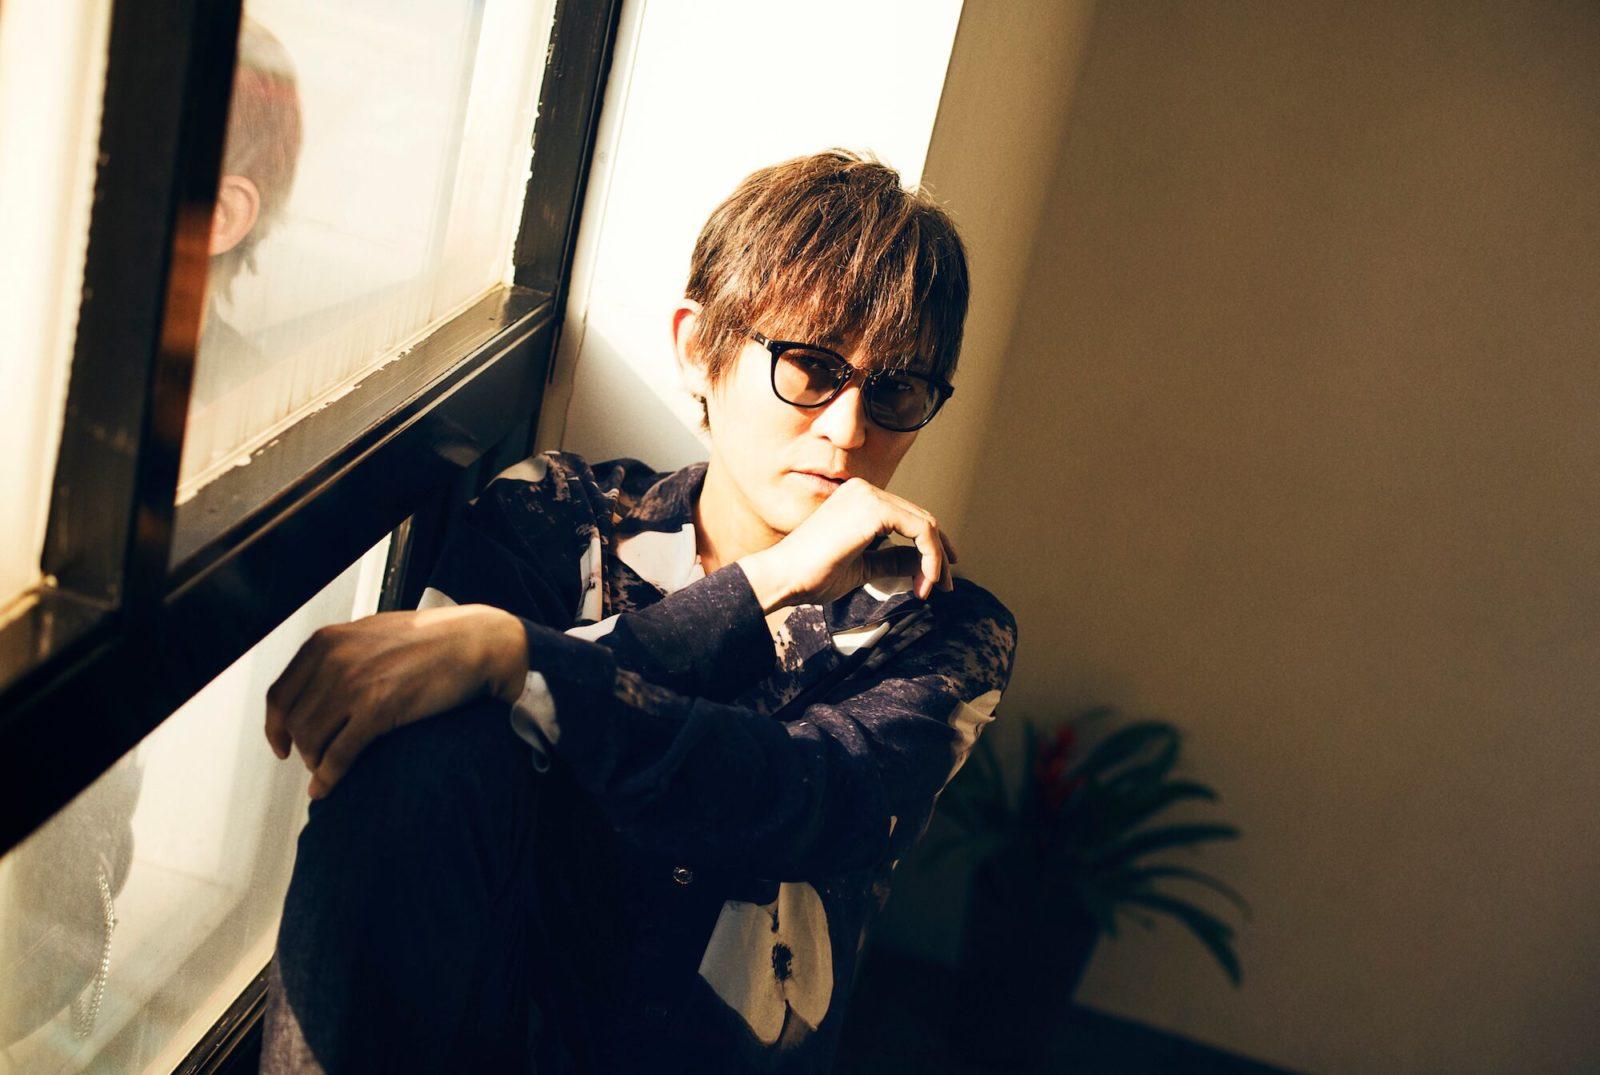 スガ シカオ、ニューアルバム『労働なんかしないで 光合成だけで生きたい』 今春リリースサムネイル画像!